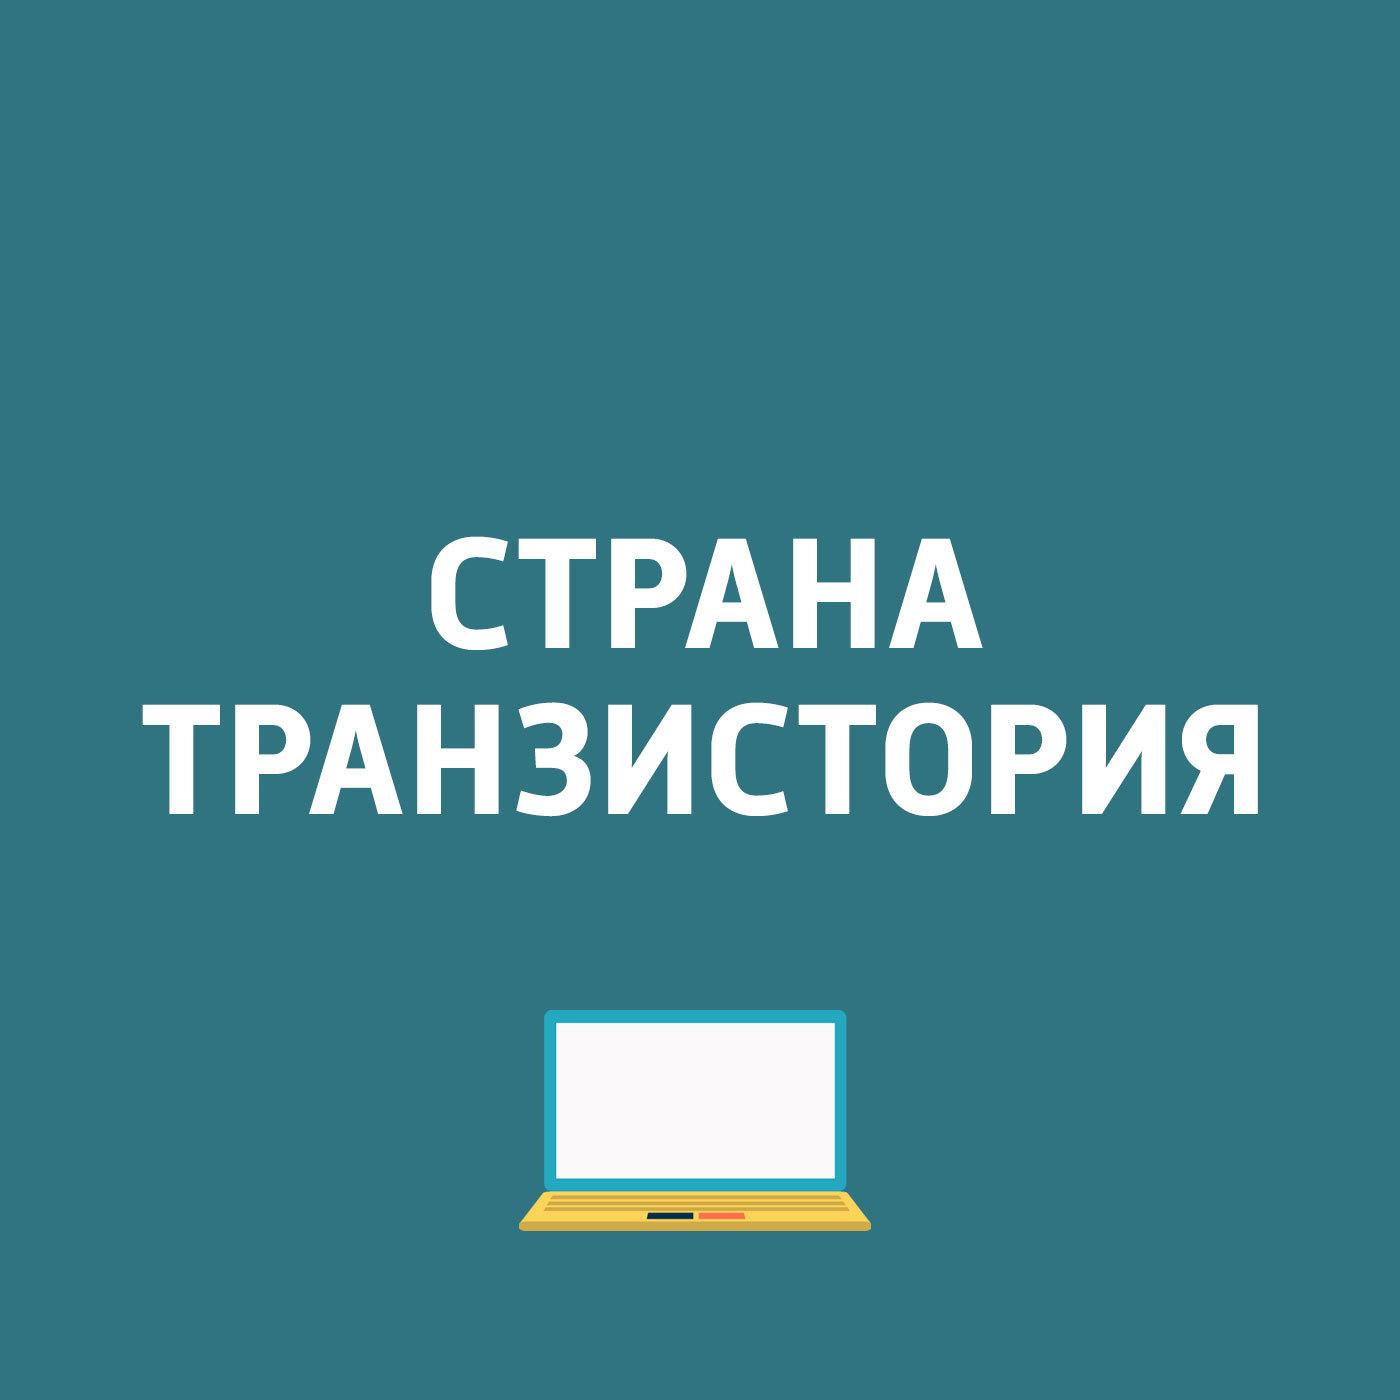 Картаев Павел Новый iPhone, Ошибка 53, музей вирусов билет в ленком официальный сайт